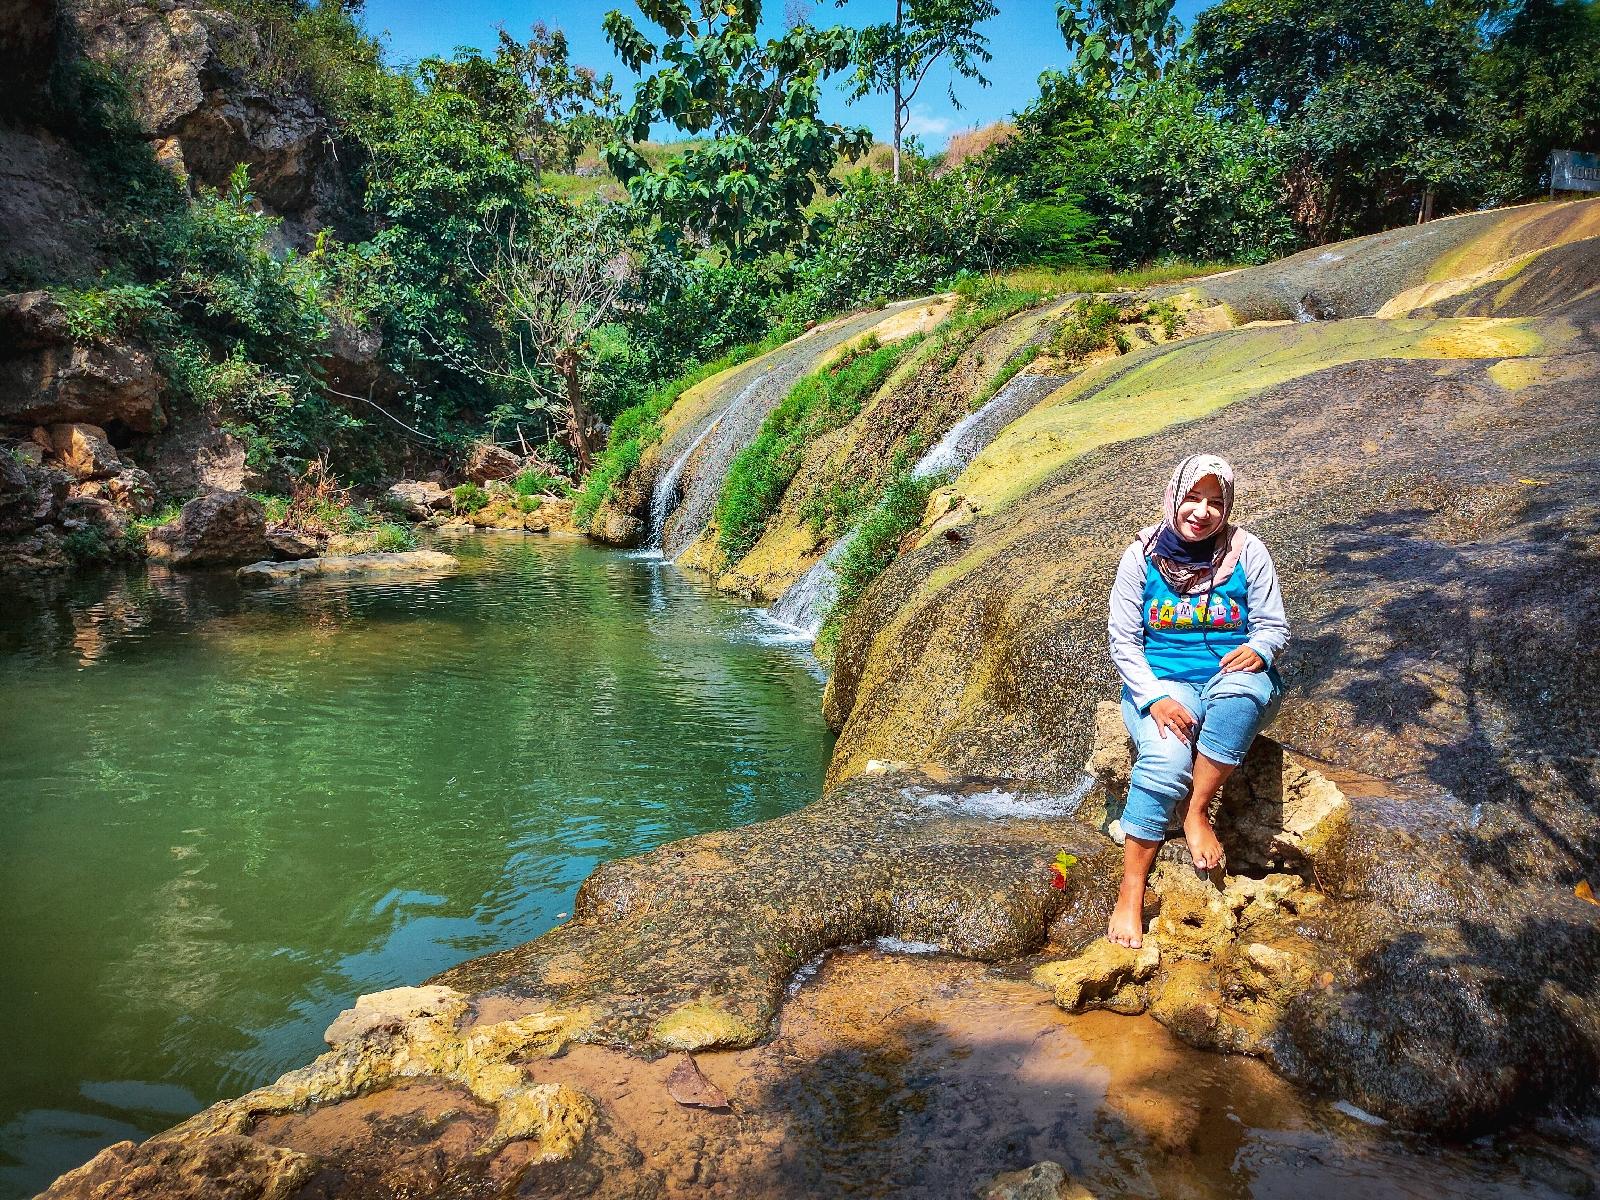 Lorodan semar air terjun sumber mata air alami